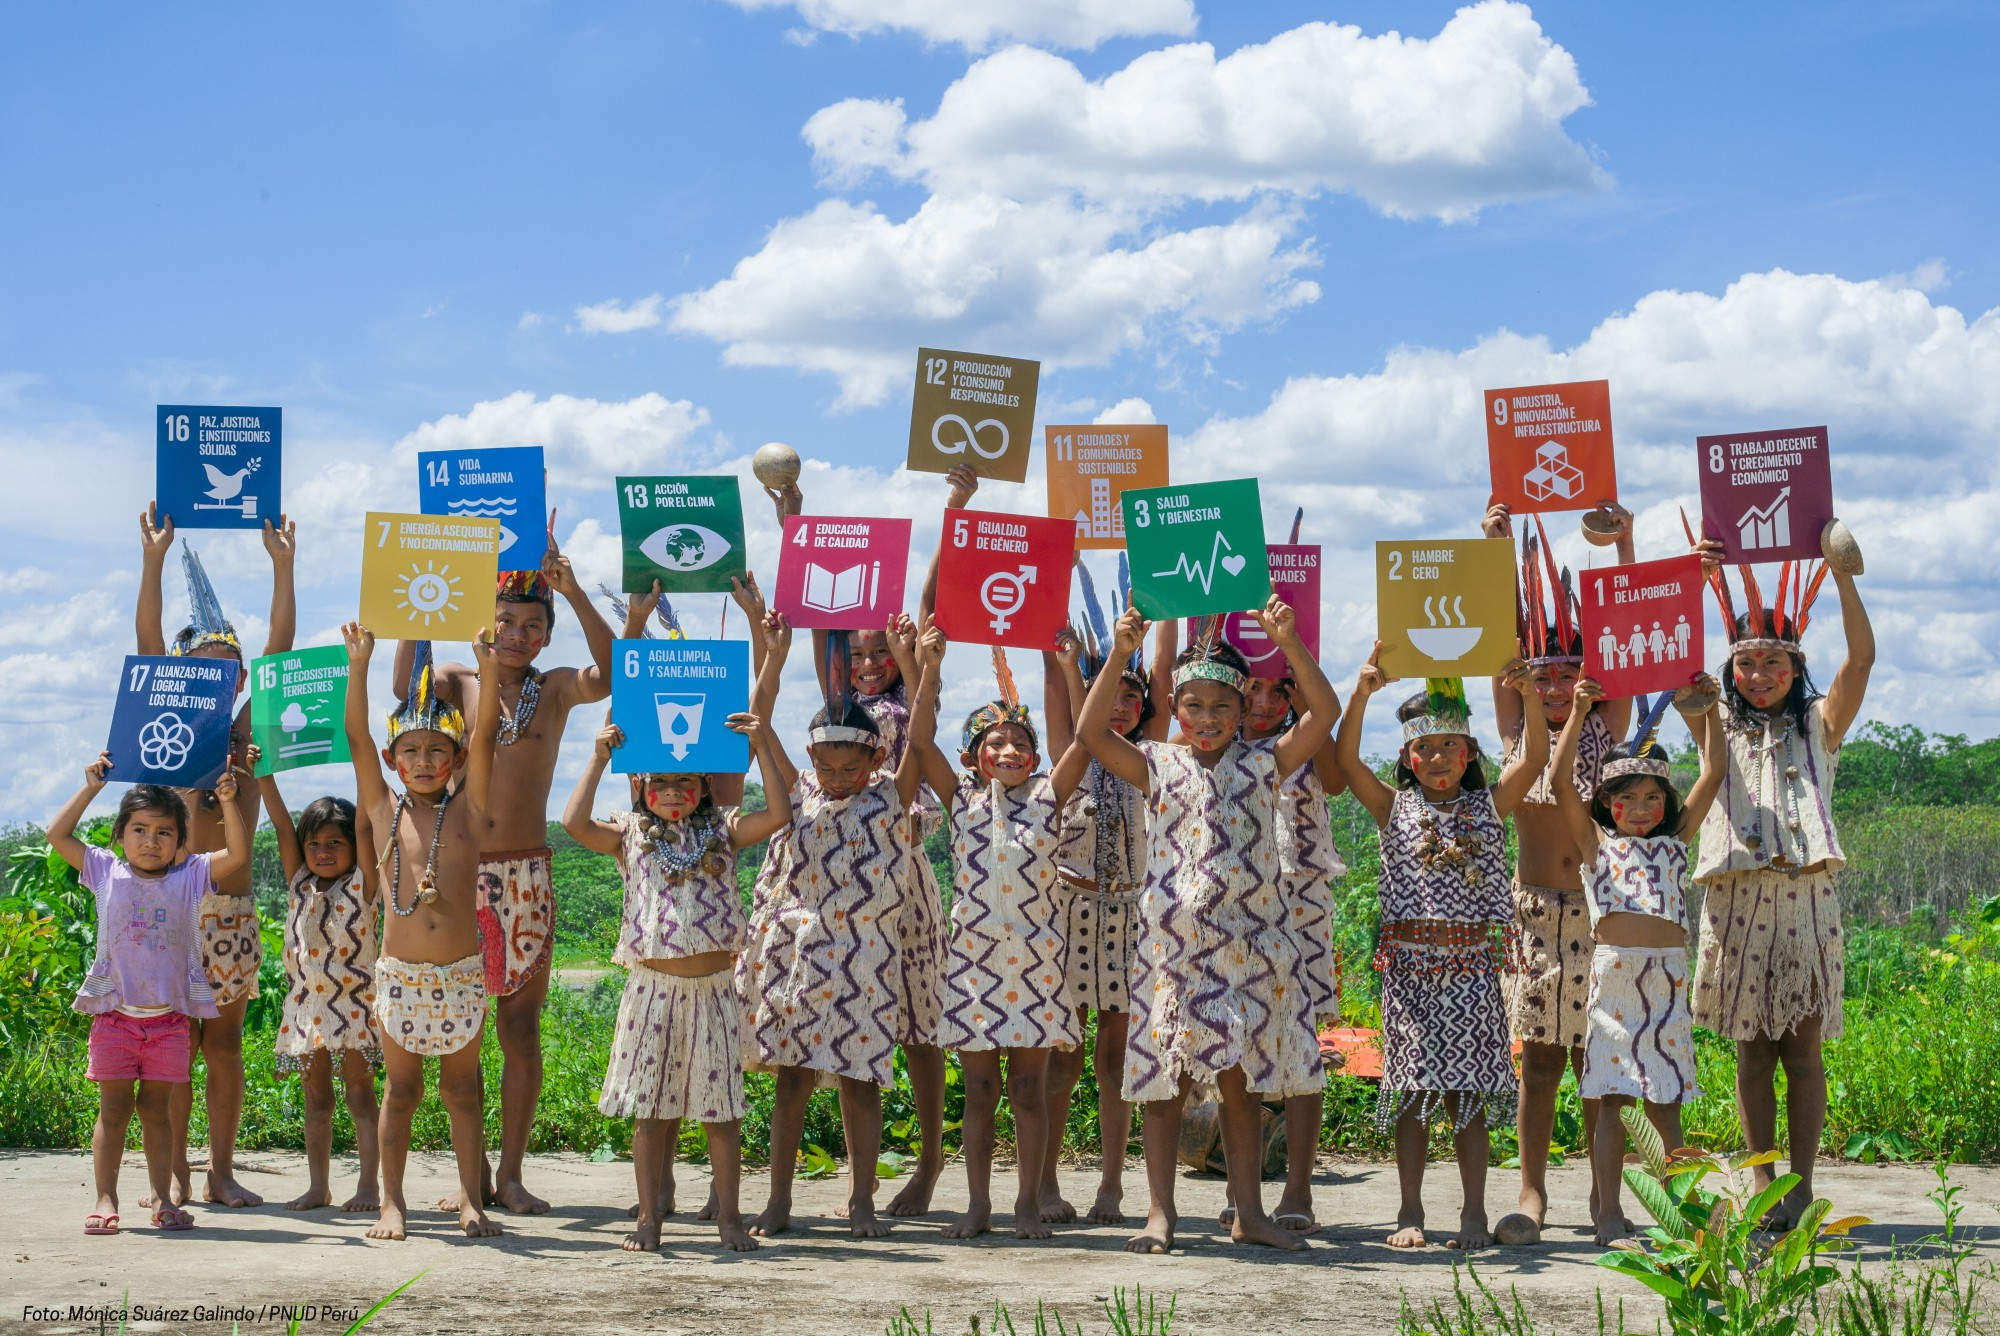 Soluciones innovadoras para ciudades sostenibles